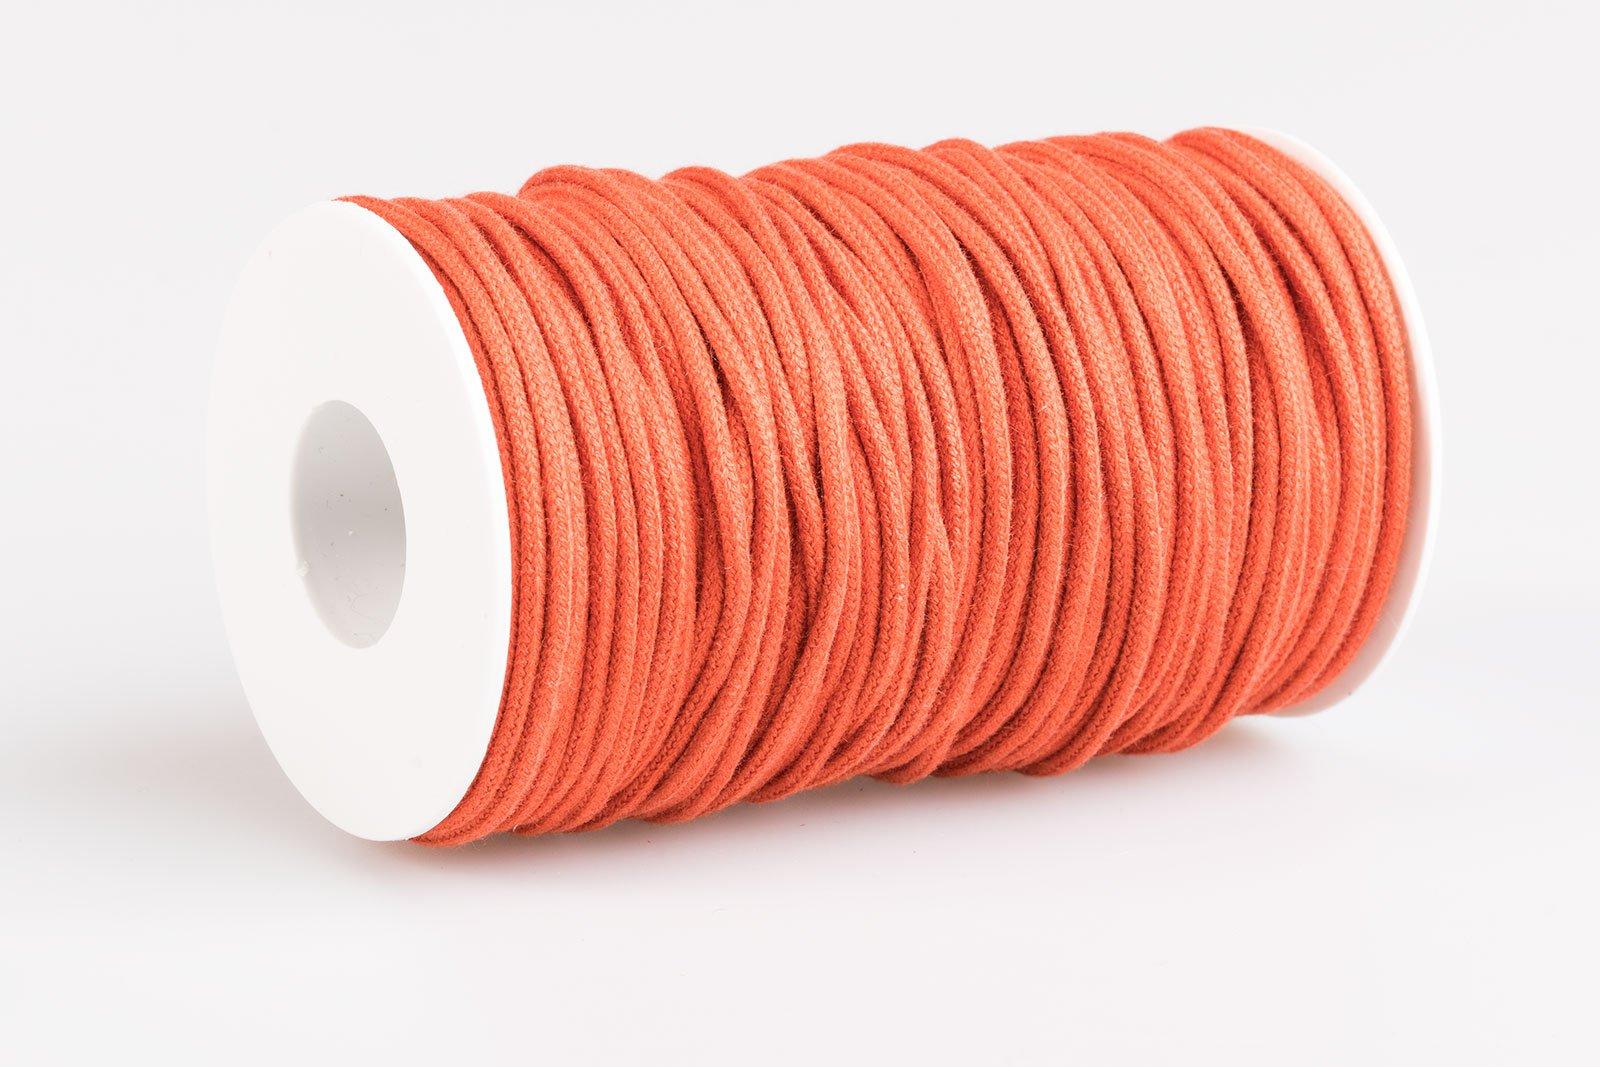 Acquista Cordoncino Tondo in Cotone Arancione Scuro - Laccioteca 433e00466e3